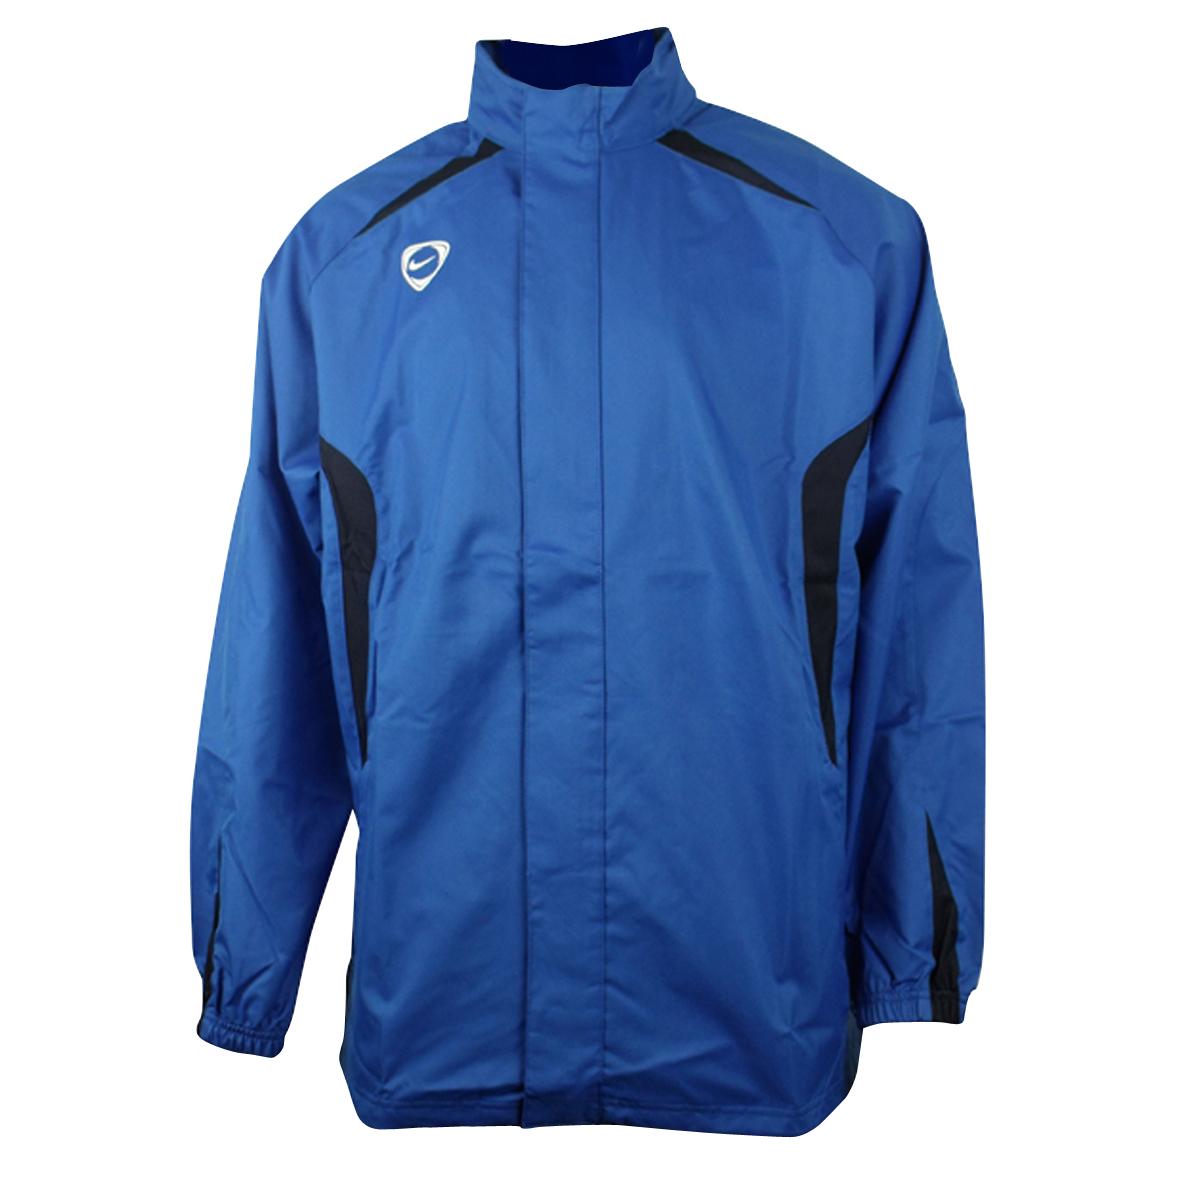 Mens-Nike-Vapor-Tiempo-Blue-Woven-Coat-Football-Running-Training-Jacket-L-XXL